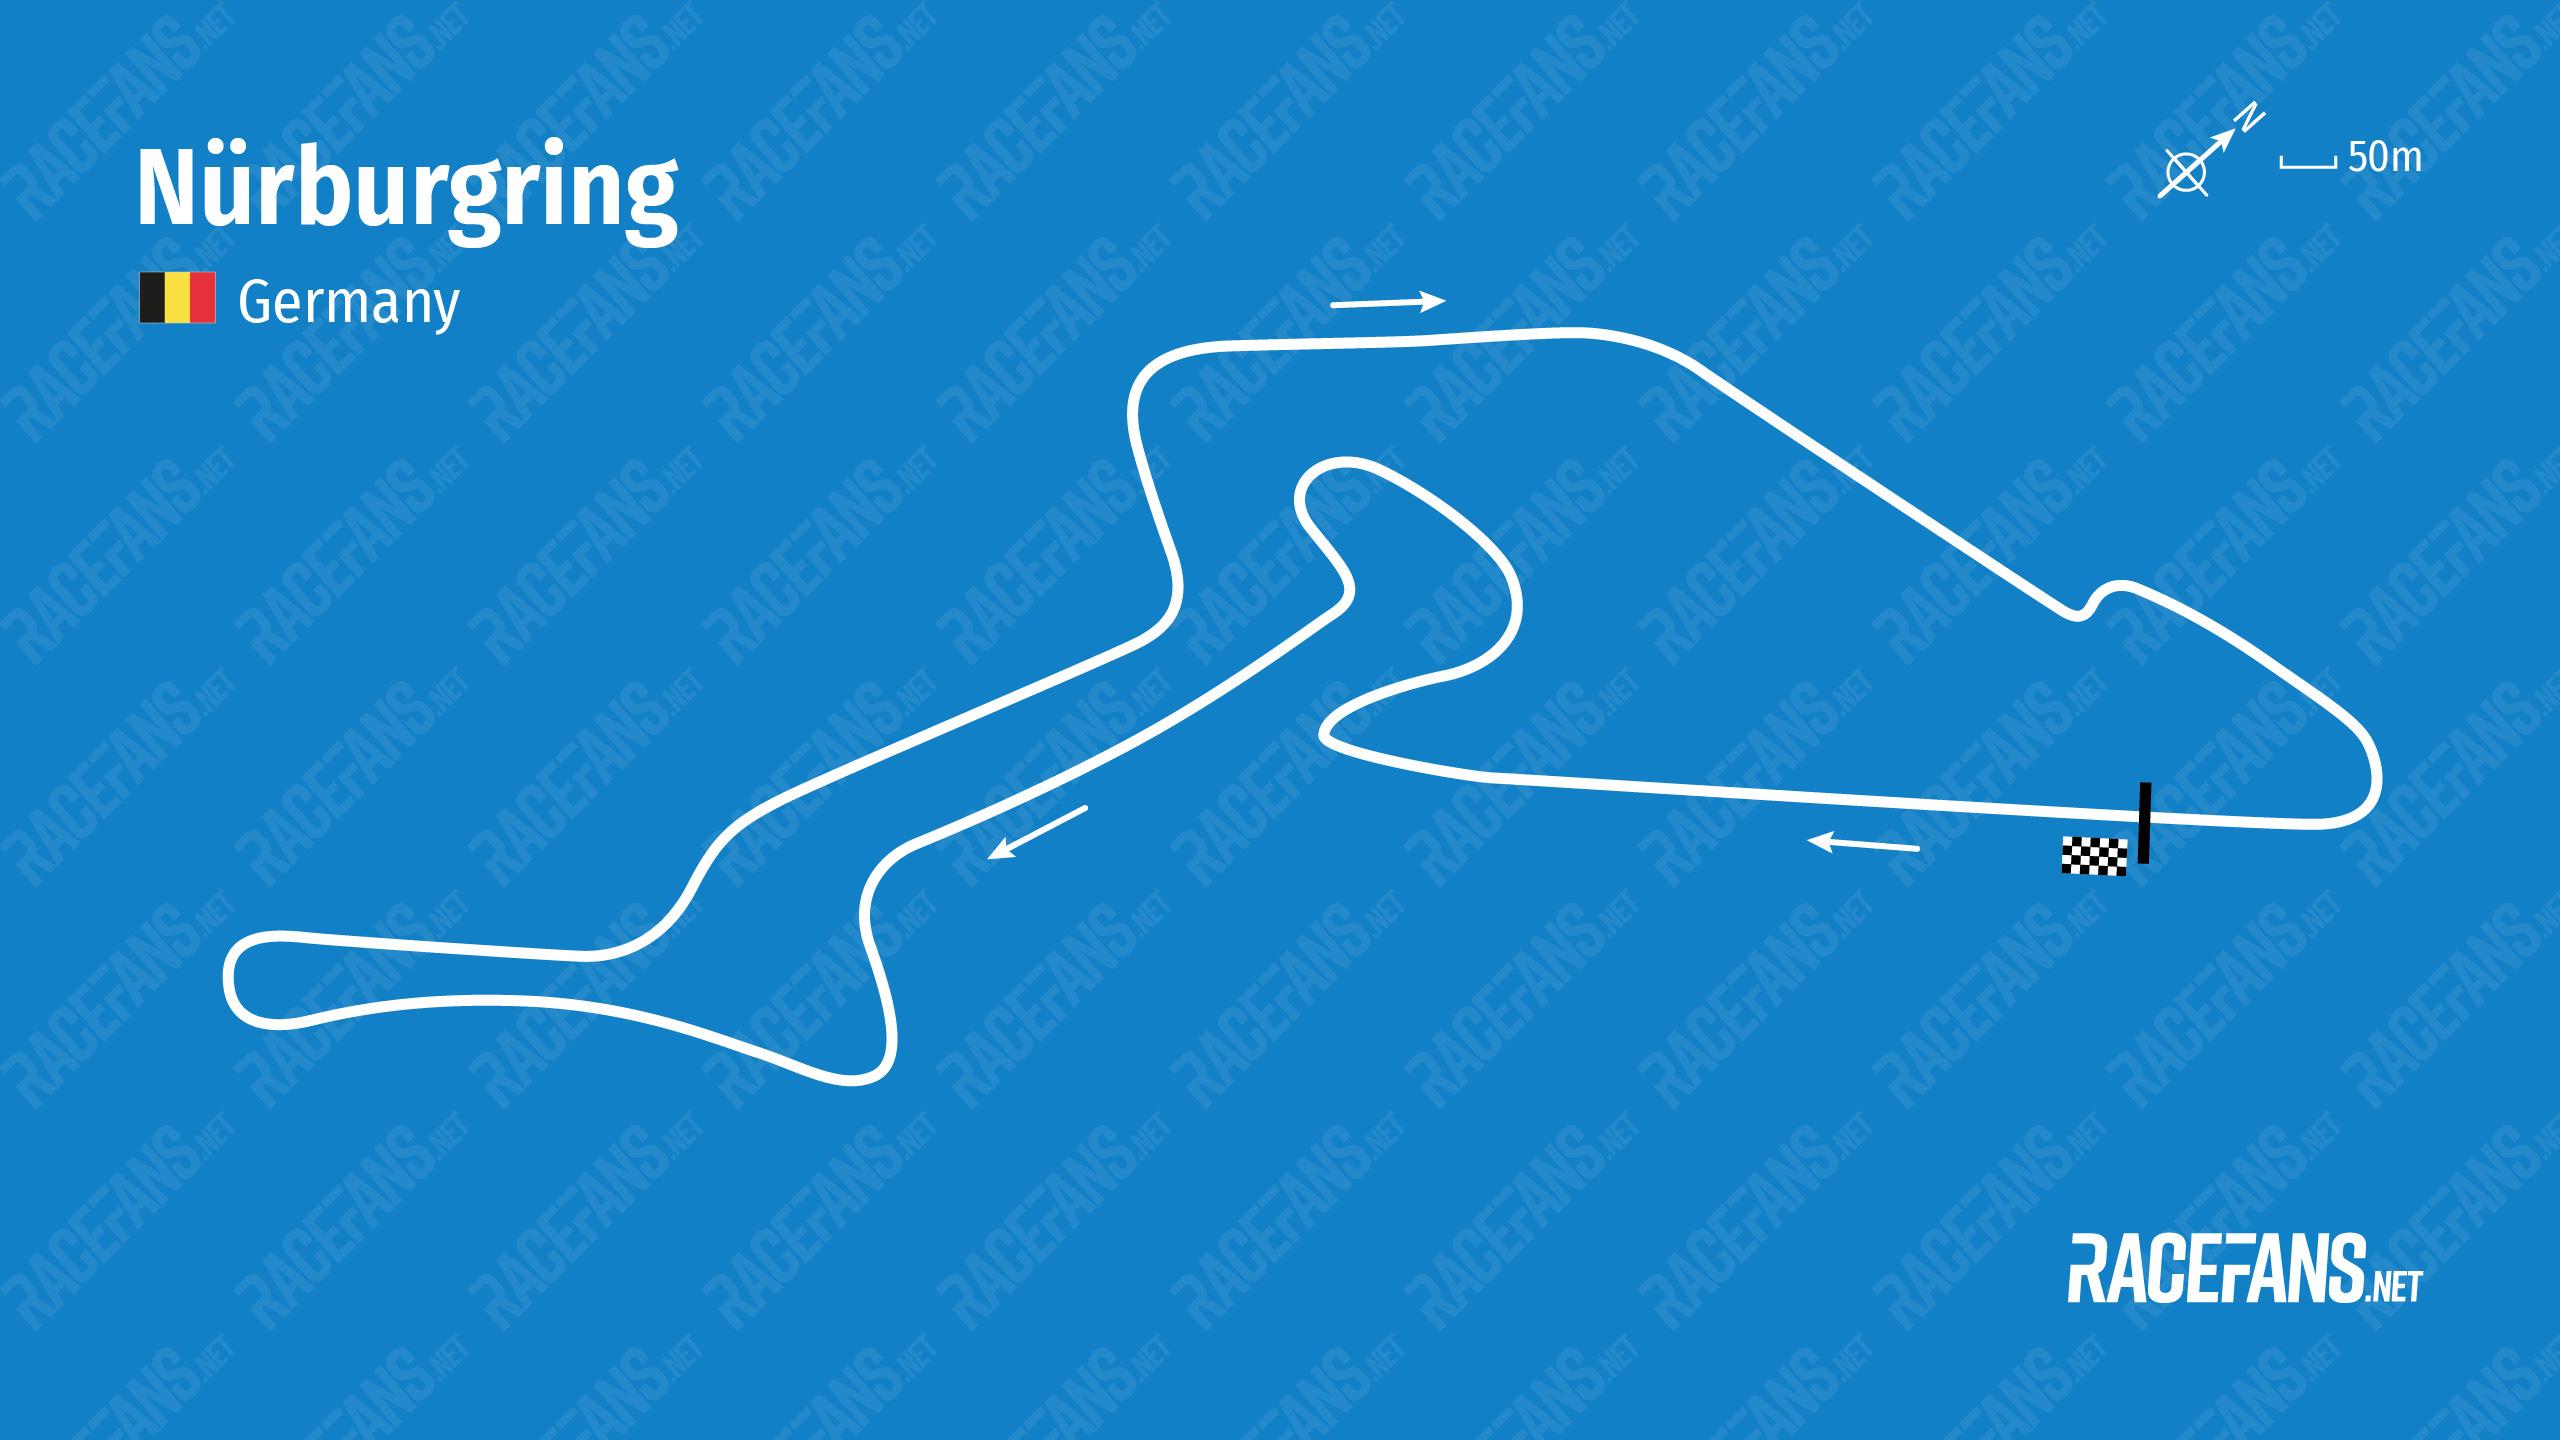 Nurburgring (new), 2002-present